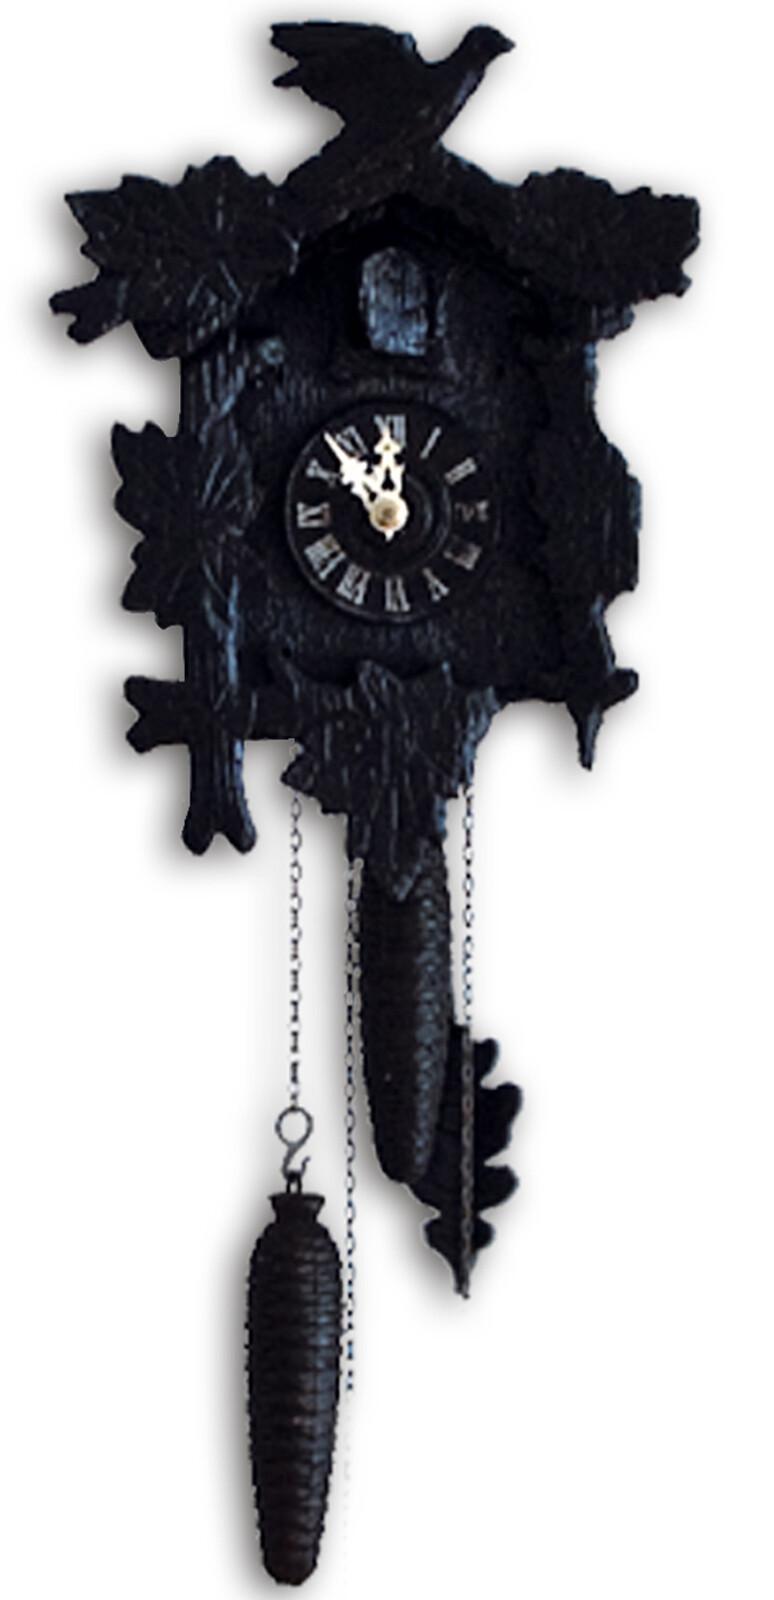 Smoke Clock I - Maarten Baas